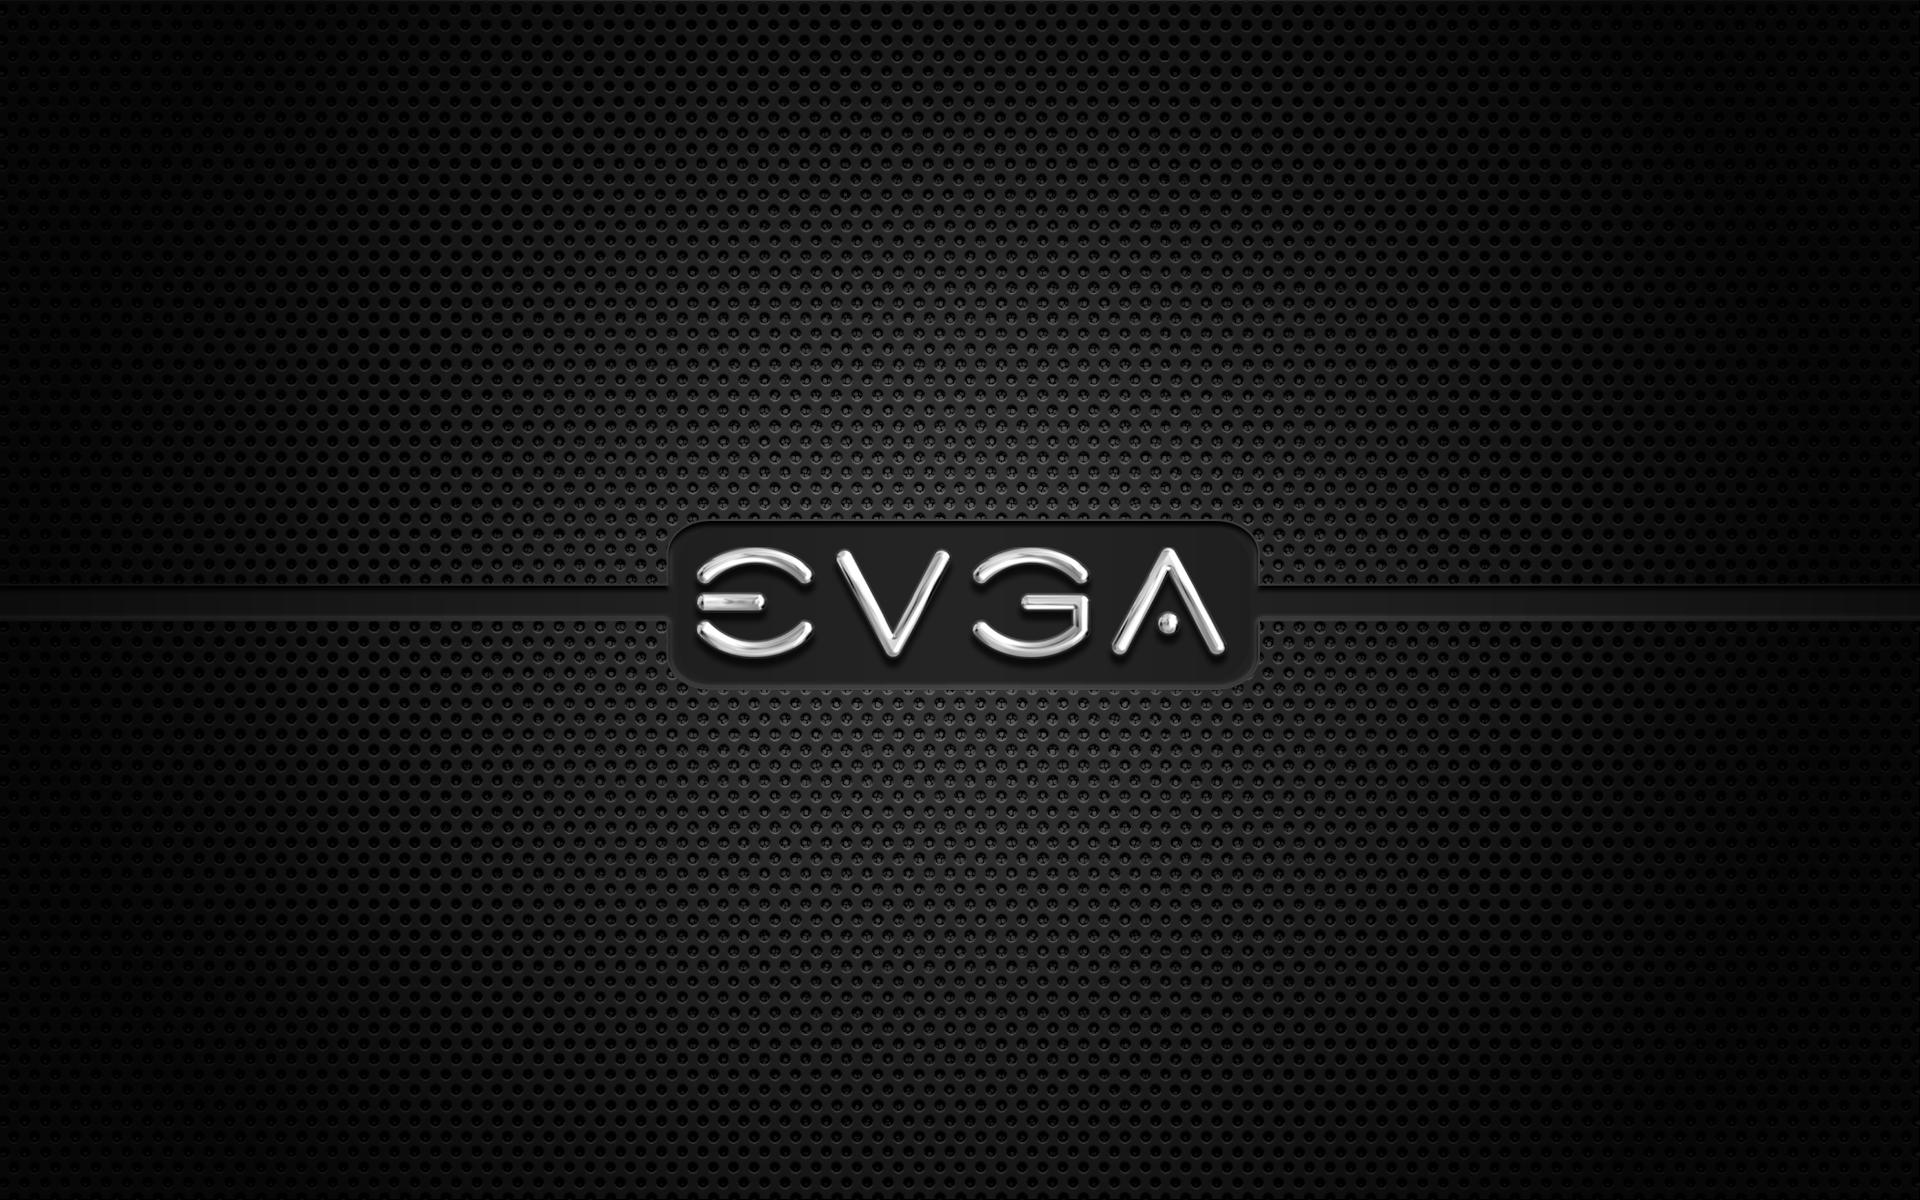 evga_chrome_by_mullet-d7xbvyr.jpg